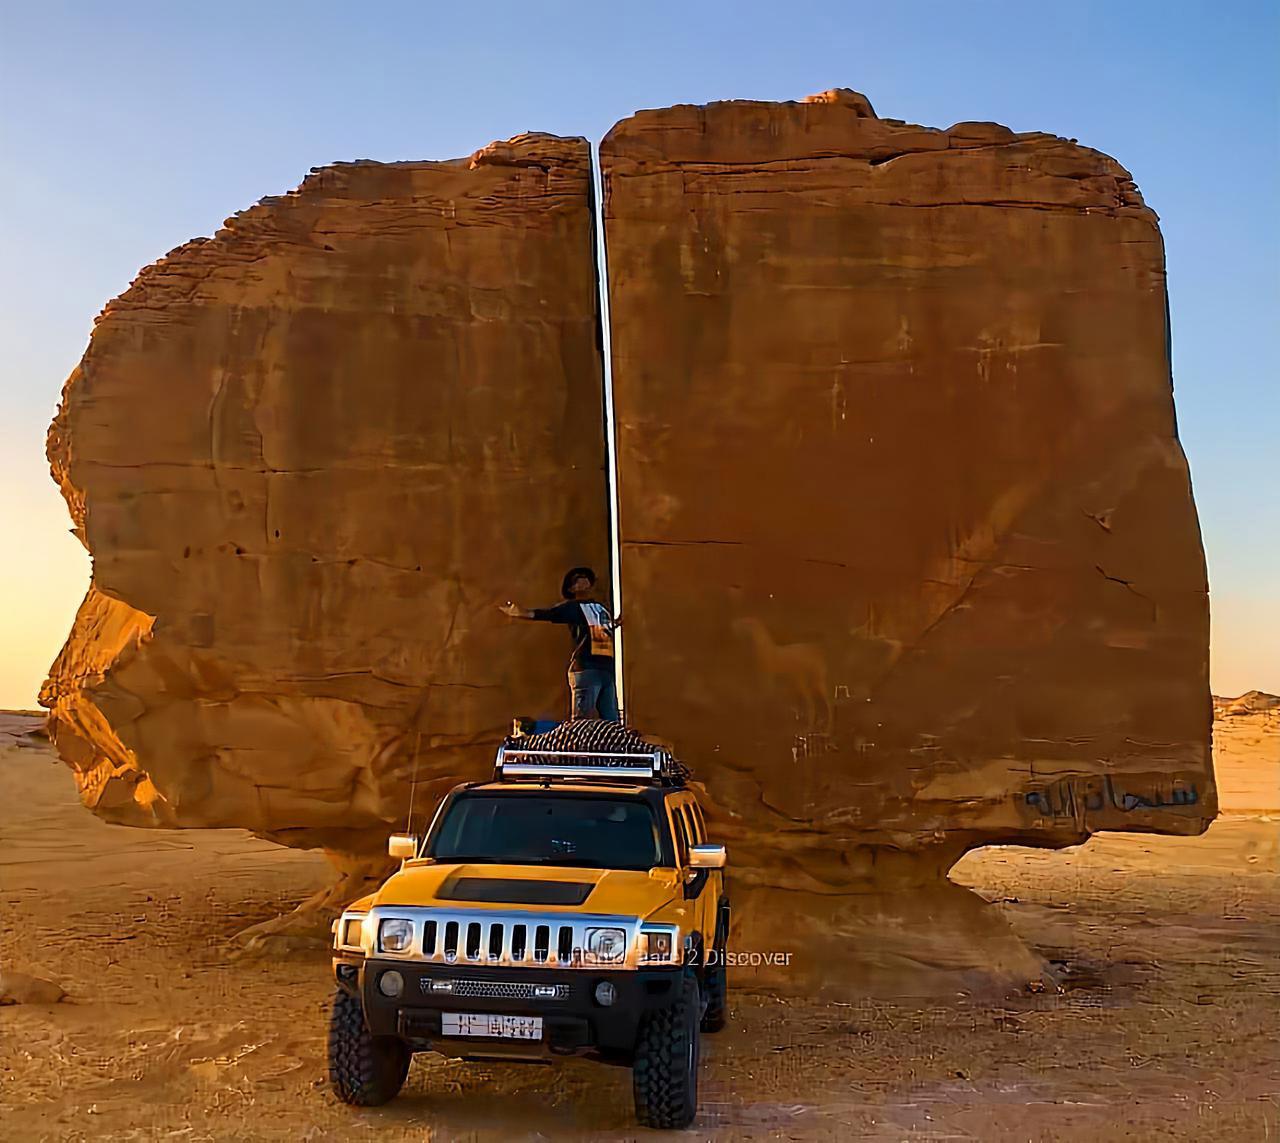 Al-Naslaa Rock Formation Saudi Arabia Laser